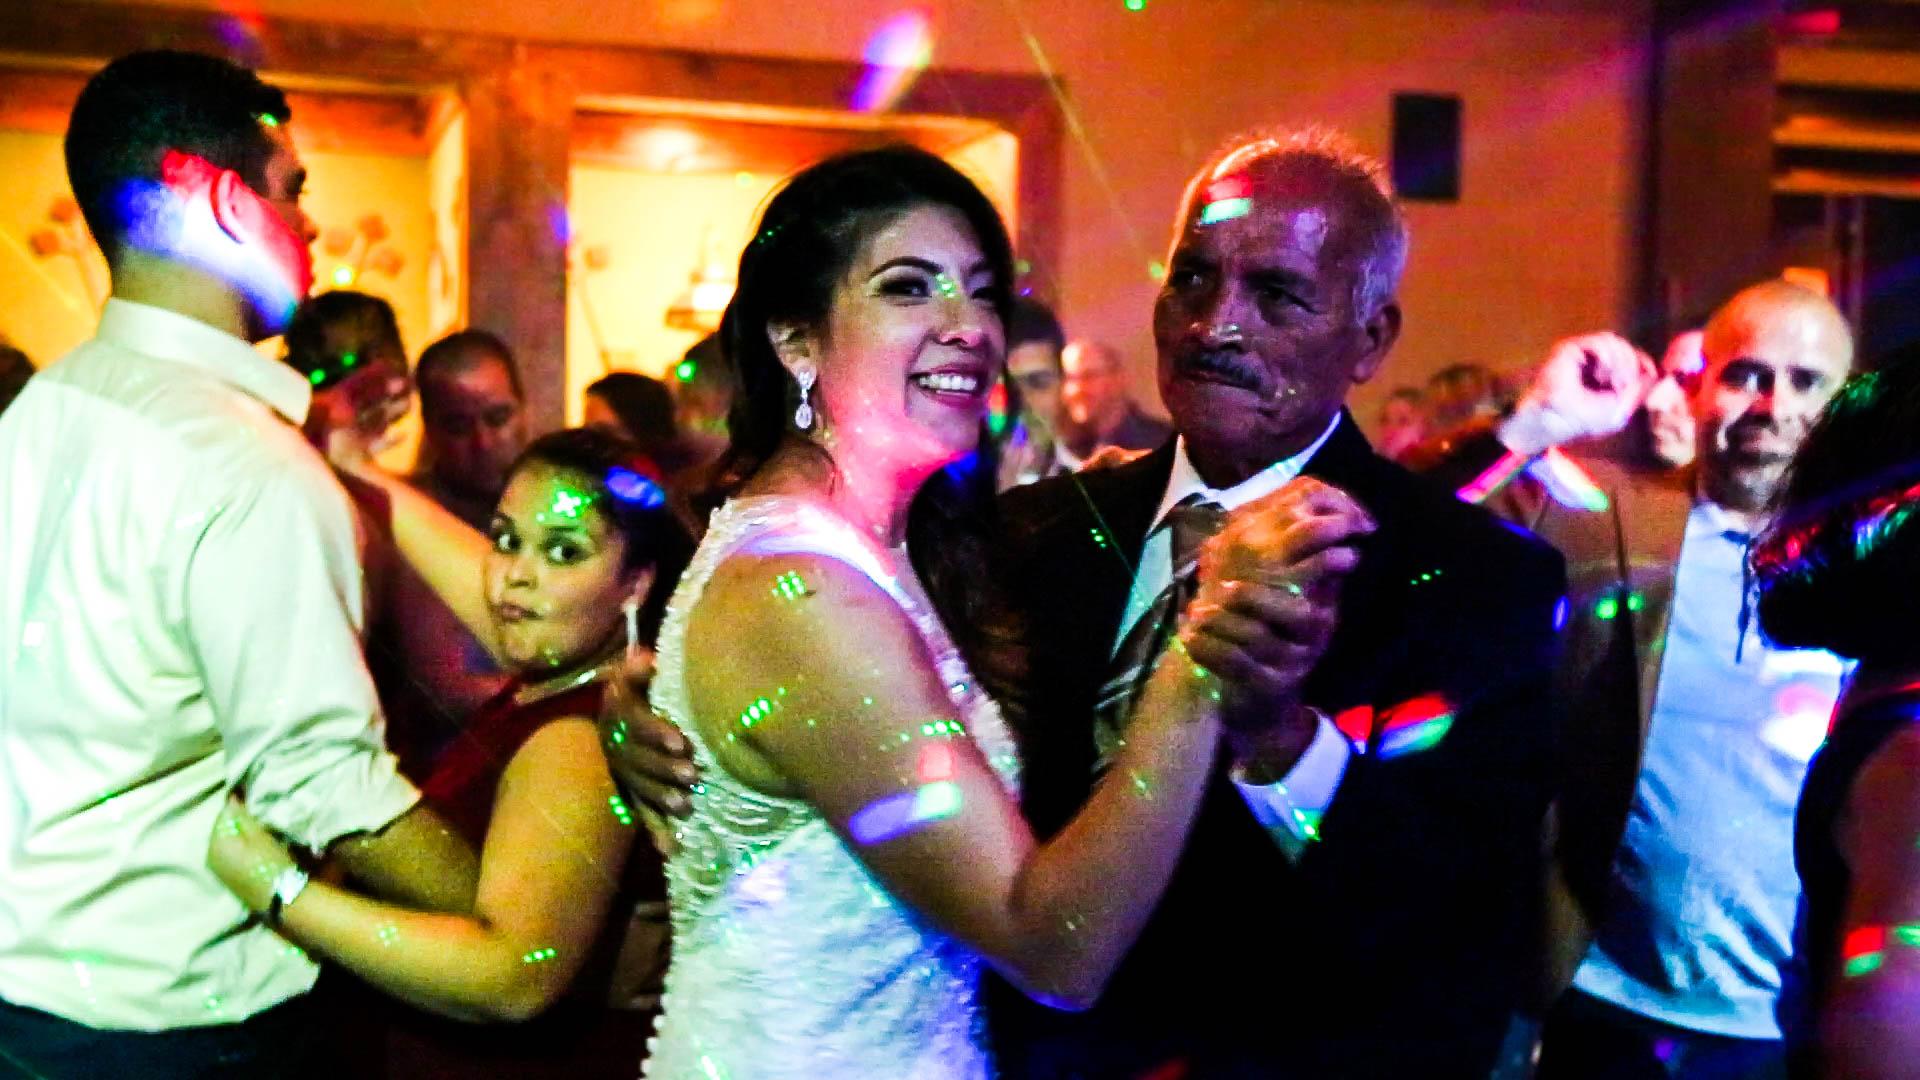 WeddingCutFINAL.00_05_24_21.Still003.jpg